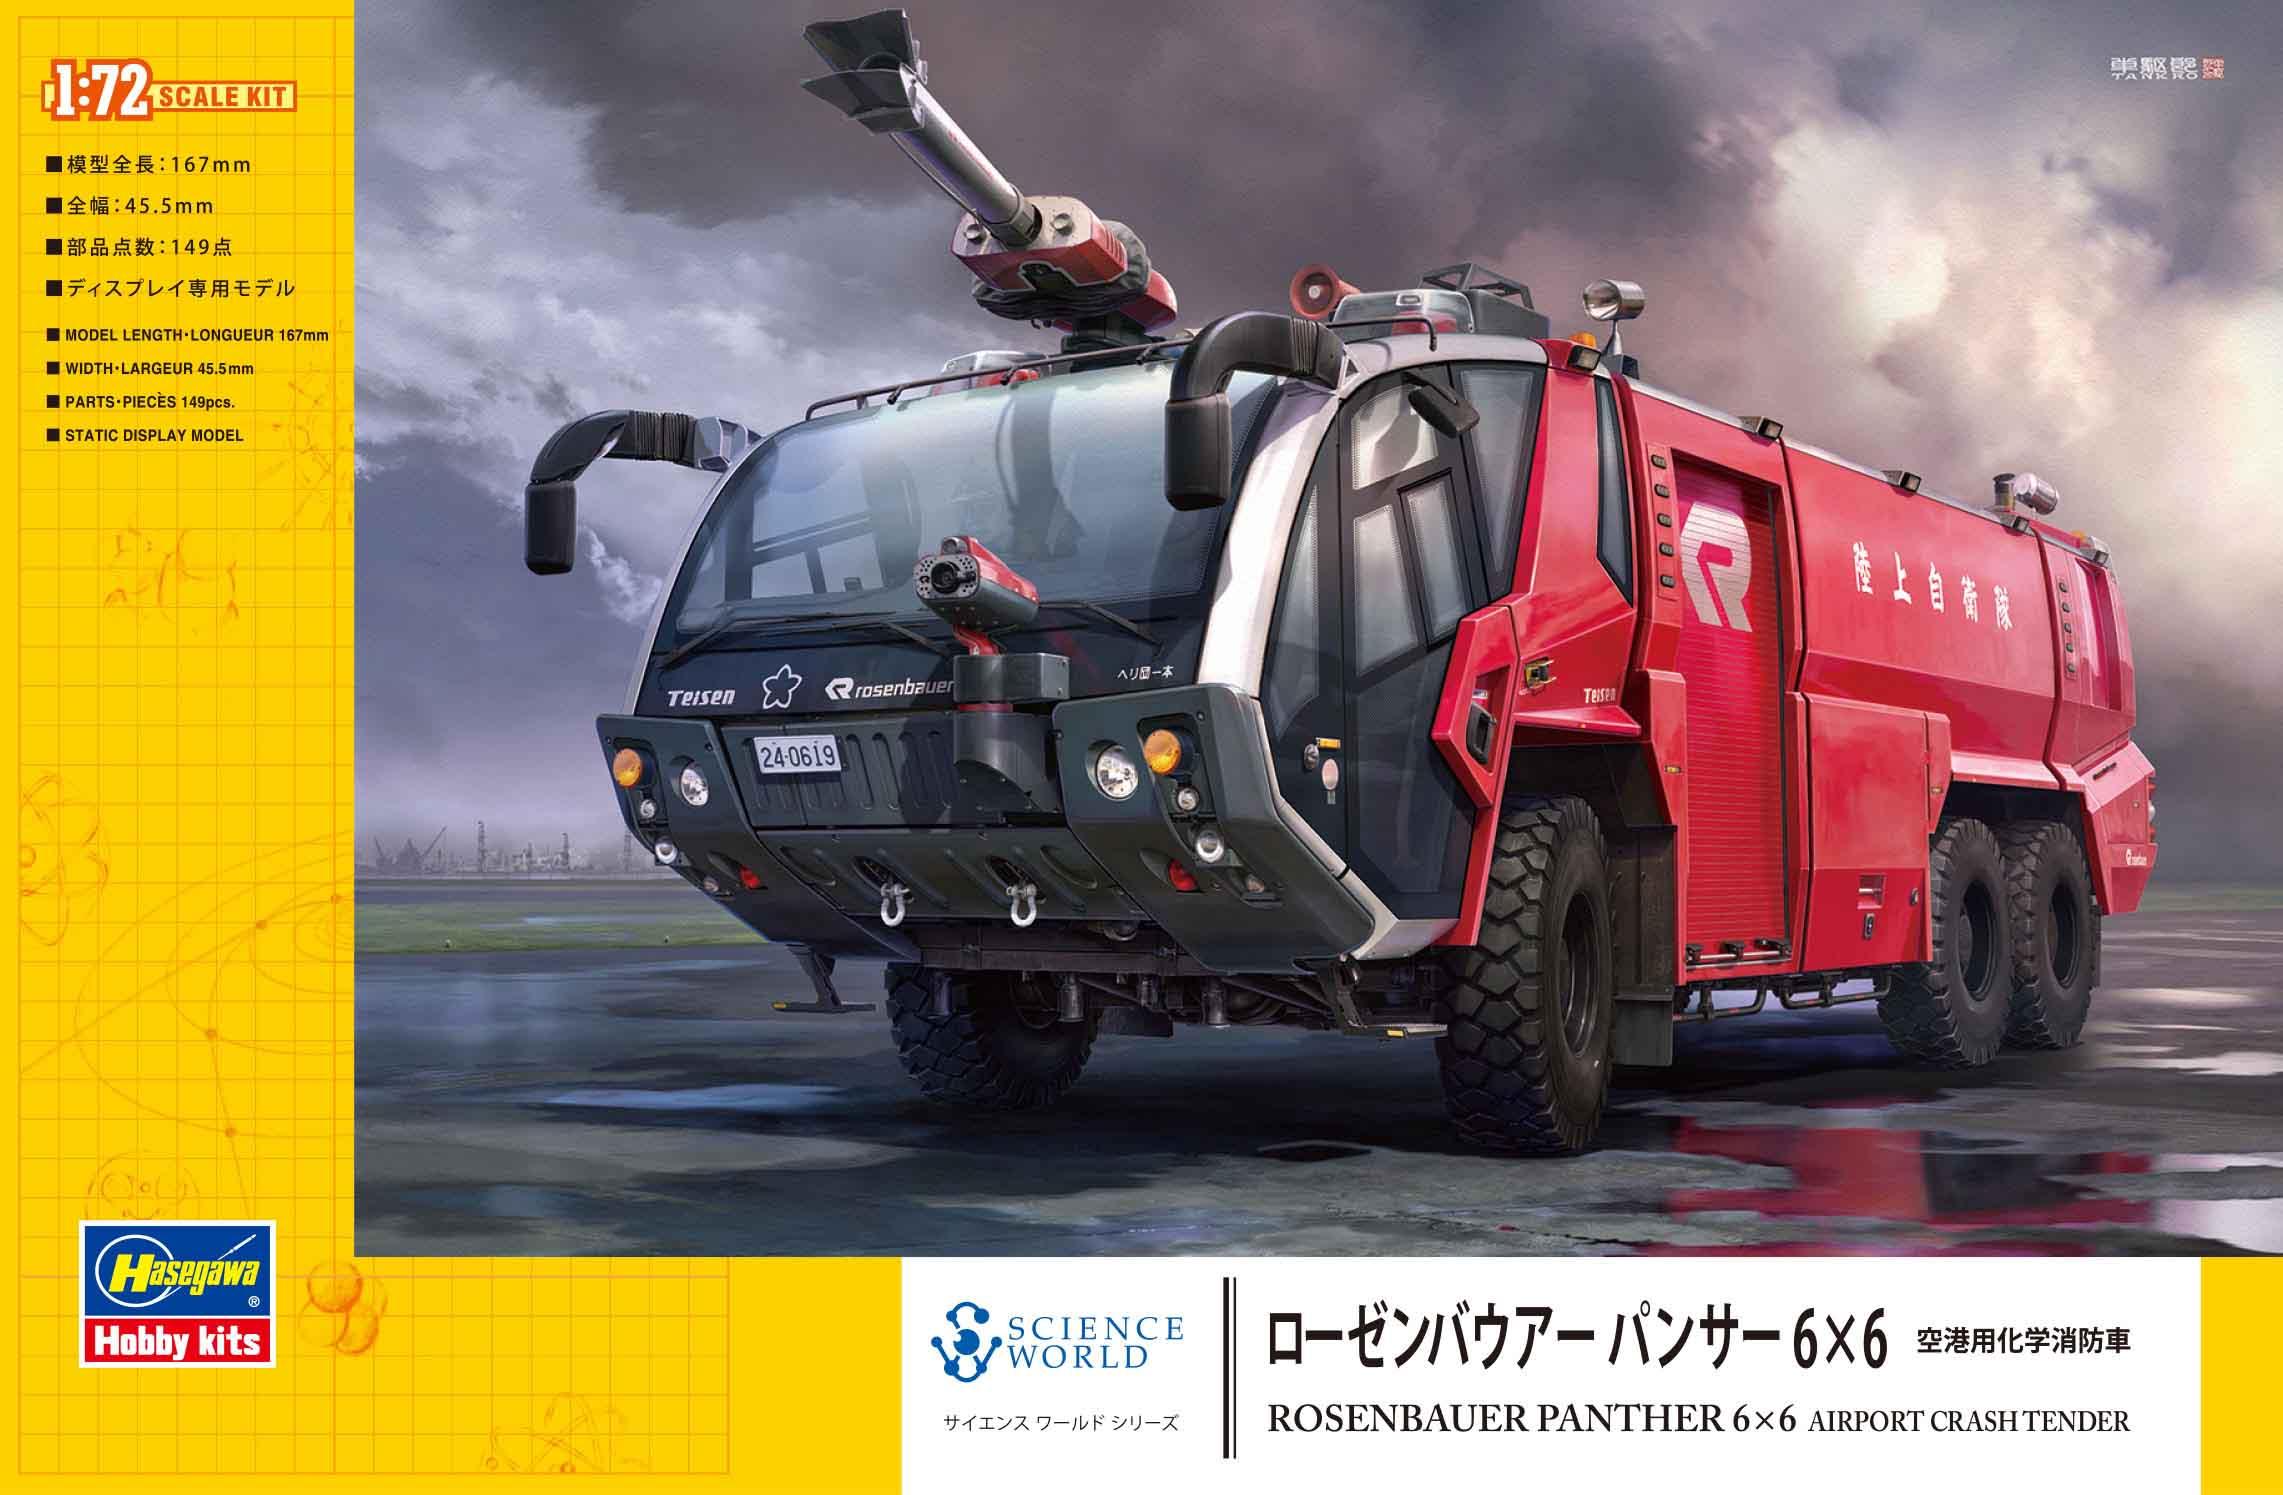 Hasegawa Rosenbauer Panther 6x6 Airport Crash Tender